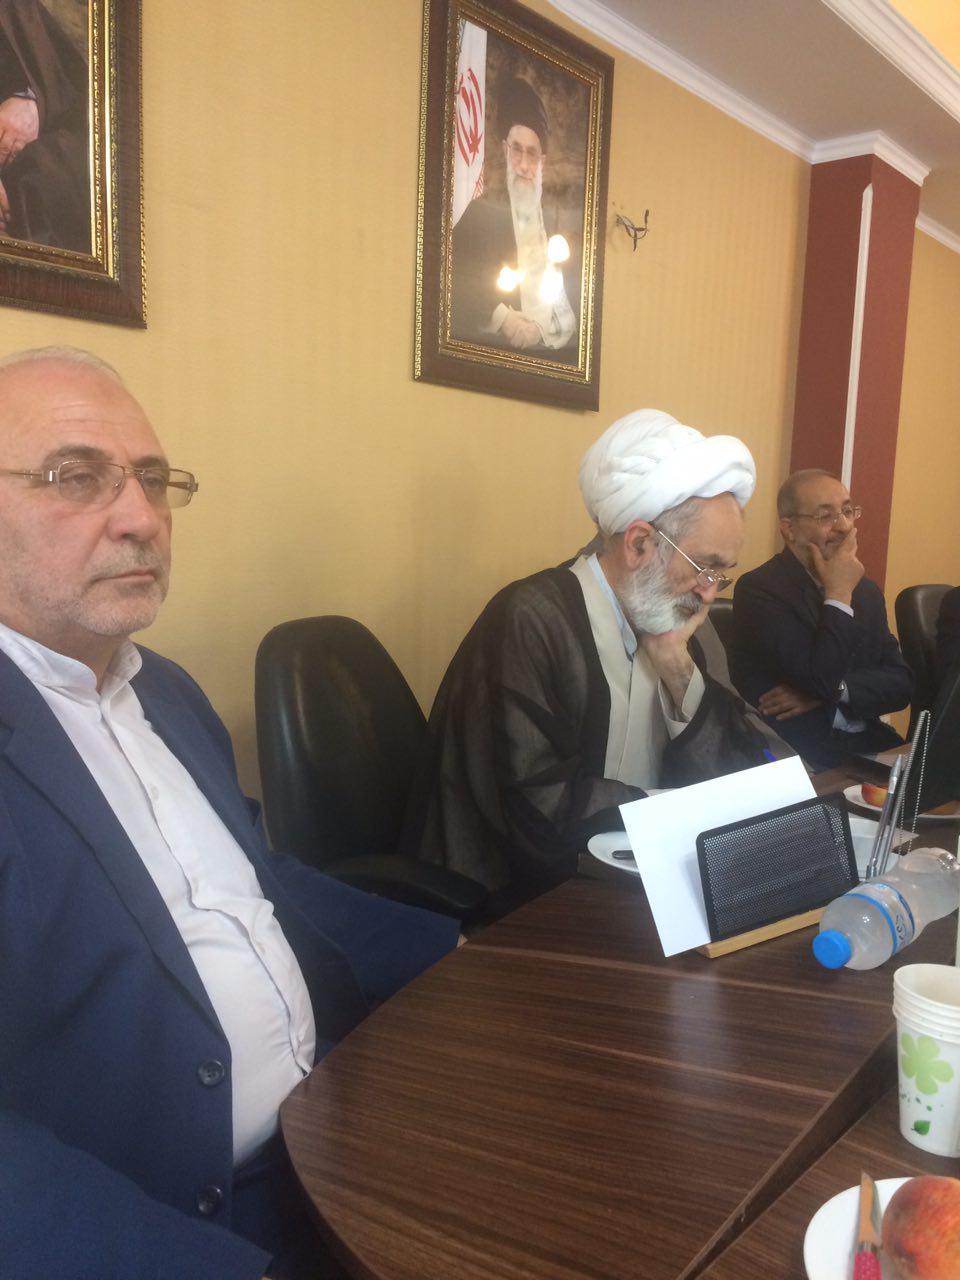 آقای حاجی روز یکشنبه ۲۵ تیر ماه ۹۶ با سردار جزایری معاون و سخنگوی ستاد کل نیروهای مسلح دیدار کرد.